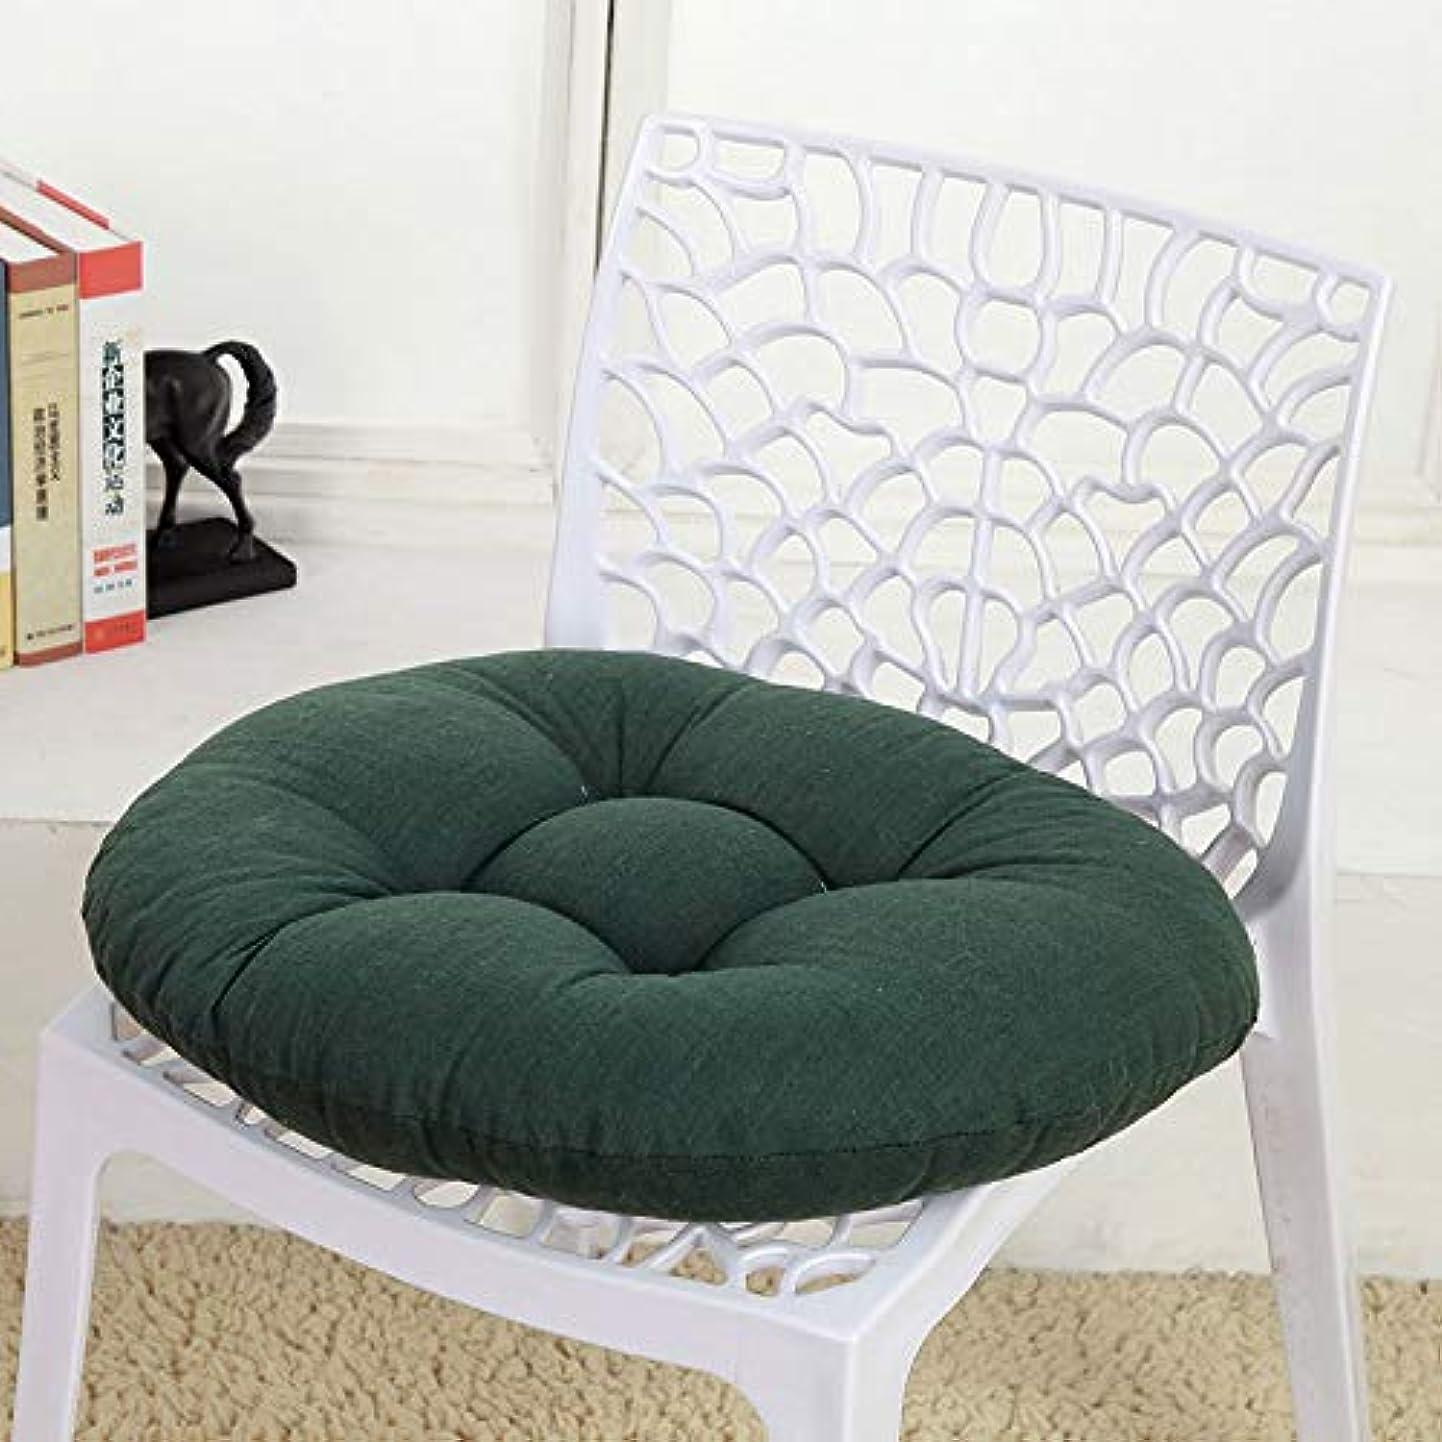 側溝郊外スキャンダラスLIFE キャンディカラーのクッションラウンドシートクッション波ウィンドウシートクッションクッション家の装飾パッドラウンド枕シート枕椅子座る枕 クッション 椅子